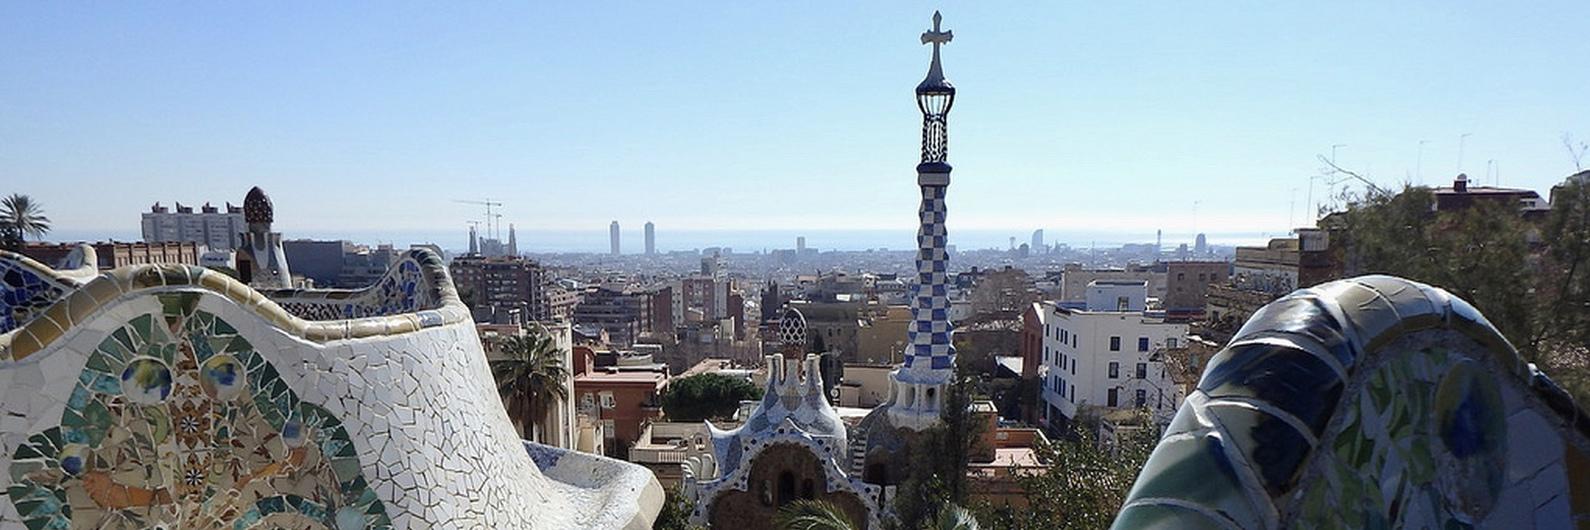 Aproveite as melhores esplanadas e rooftops de Barcelona